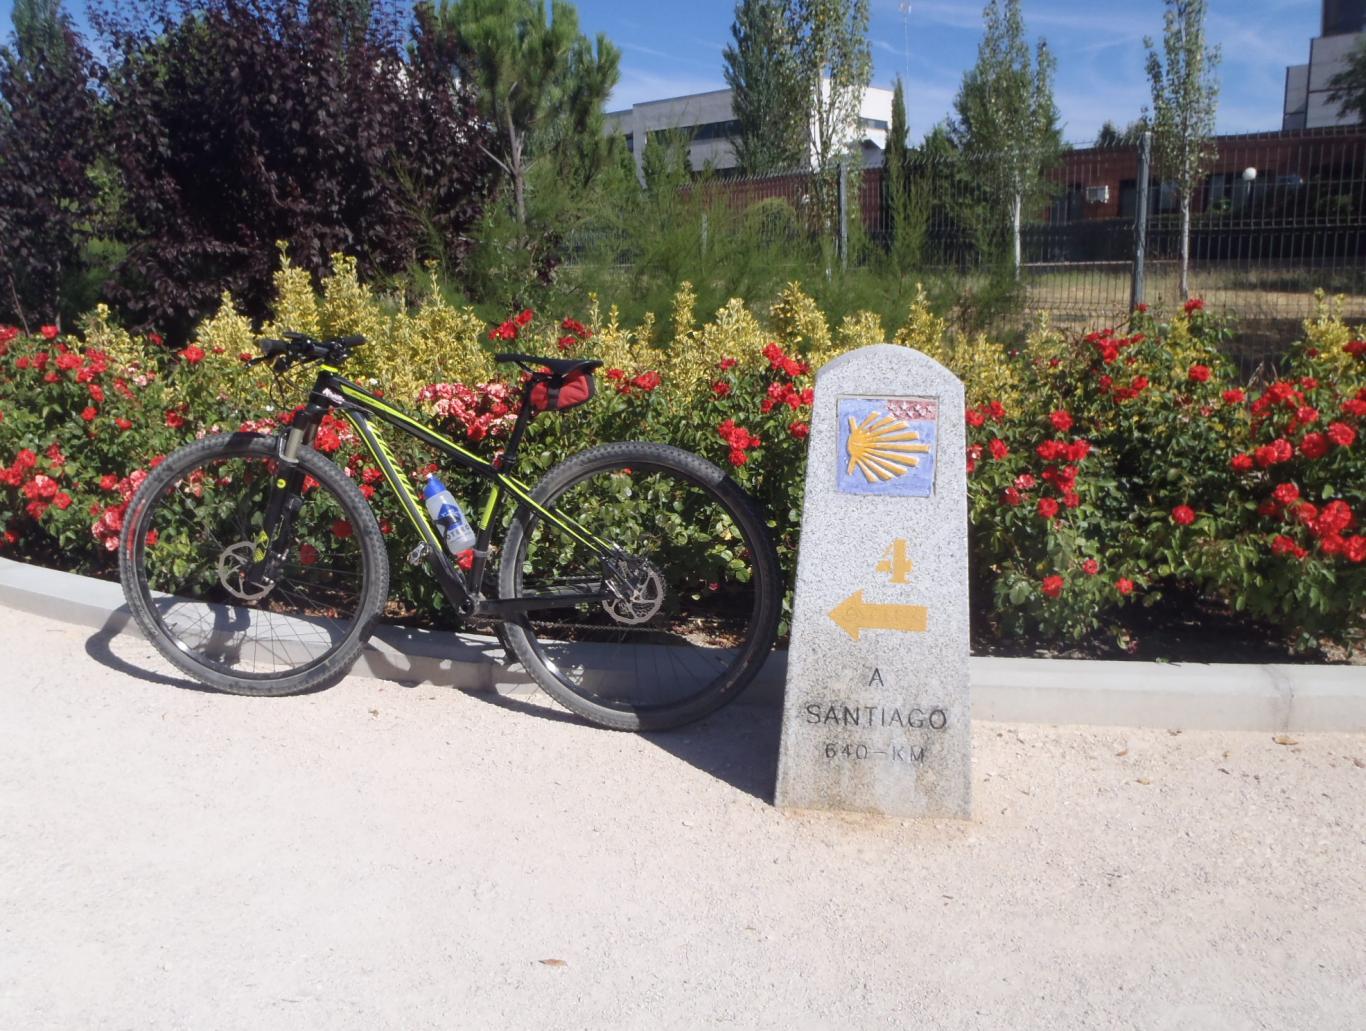 Bicicleta junto a un hito del Camino de Santiago en Colmenar Viejo que indica 640 km a Santiago